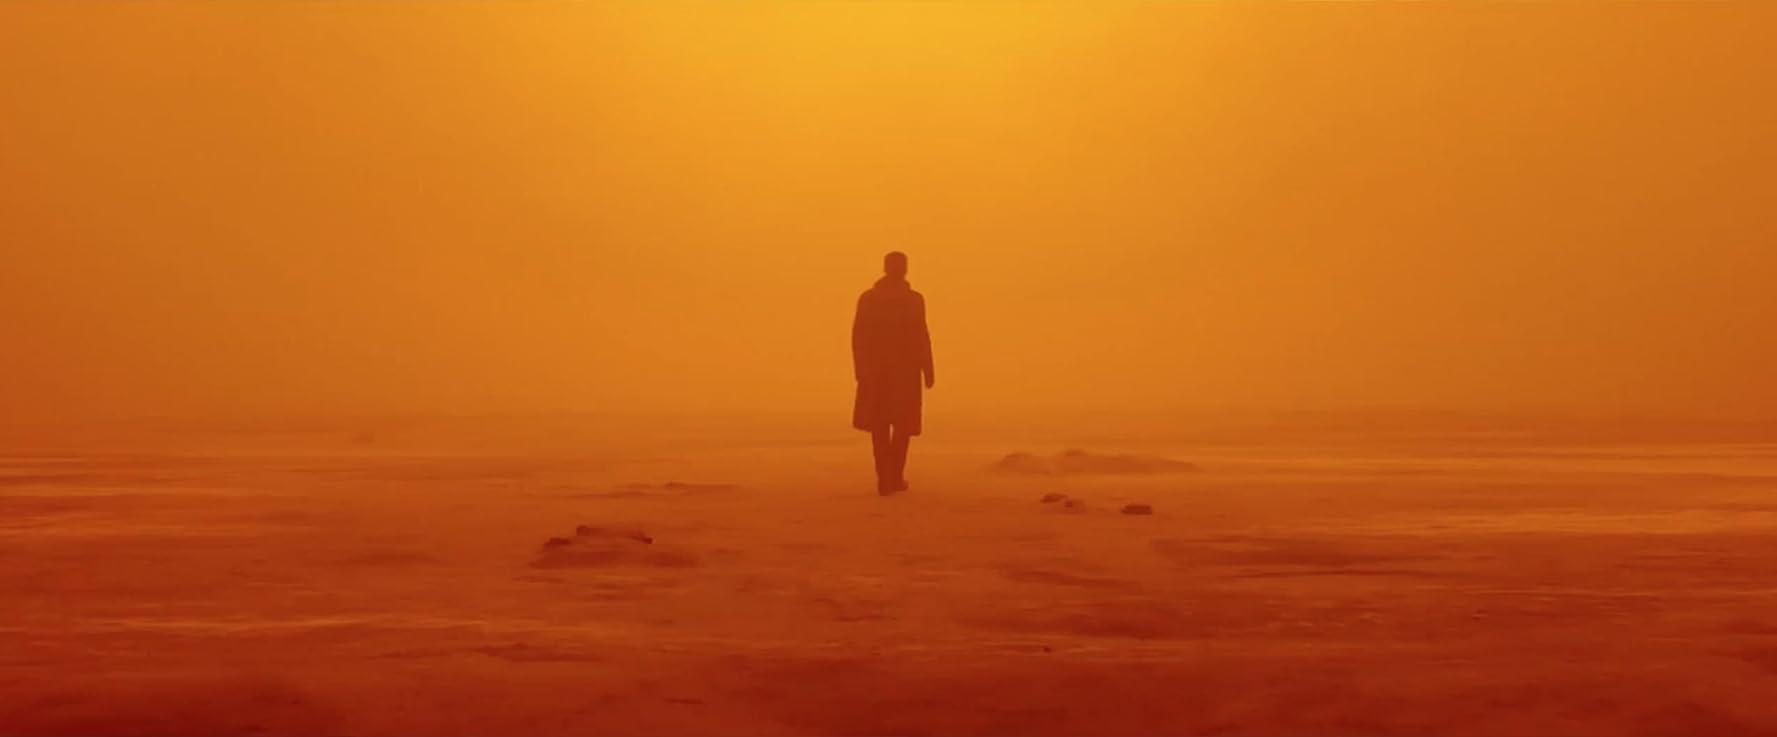 Ryan Gosling in Blade Runner 2049 (2017)